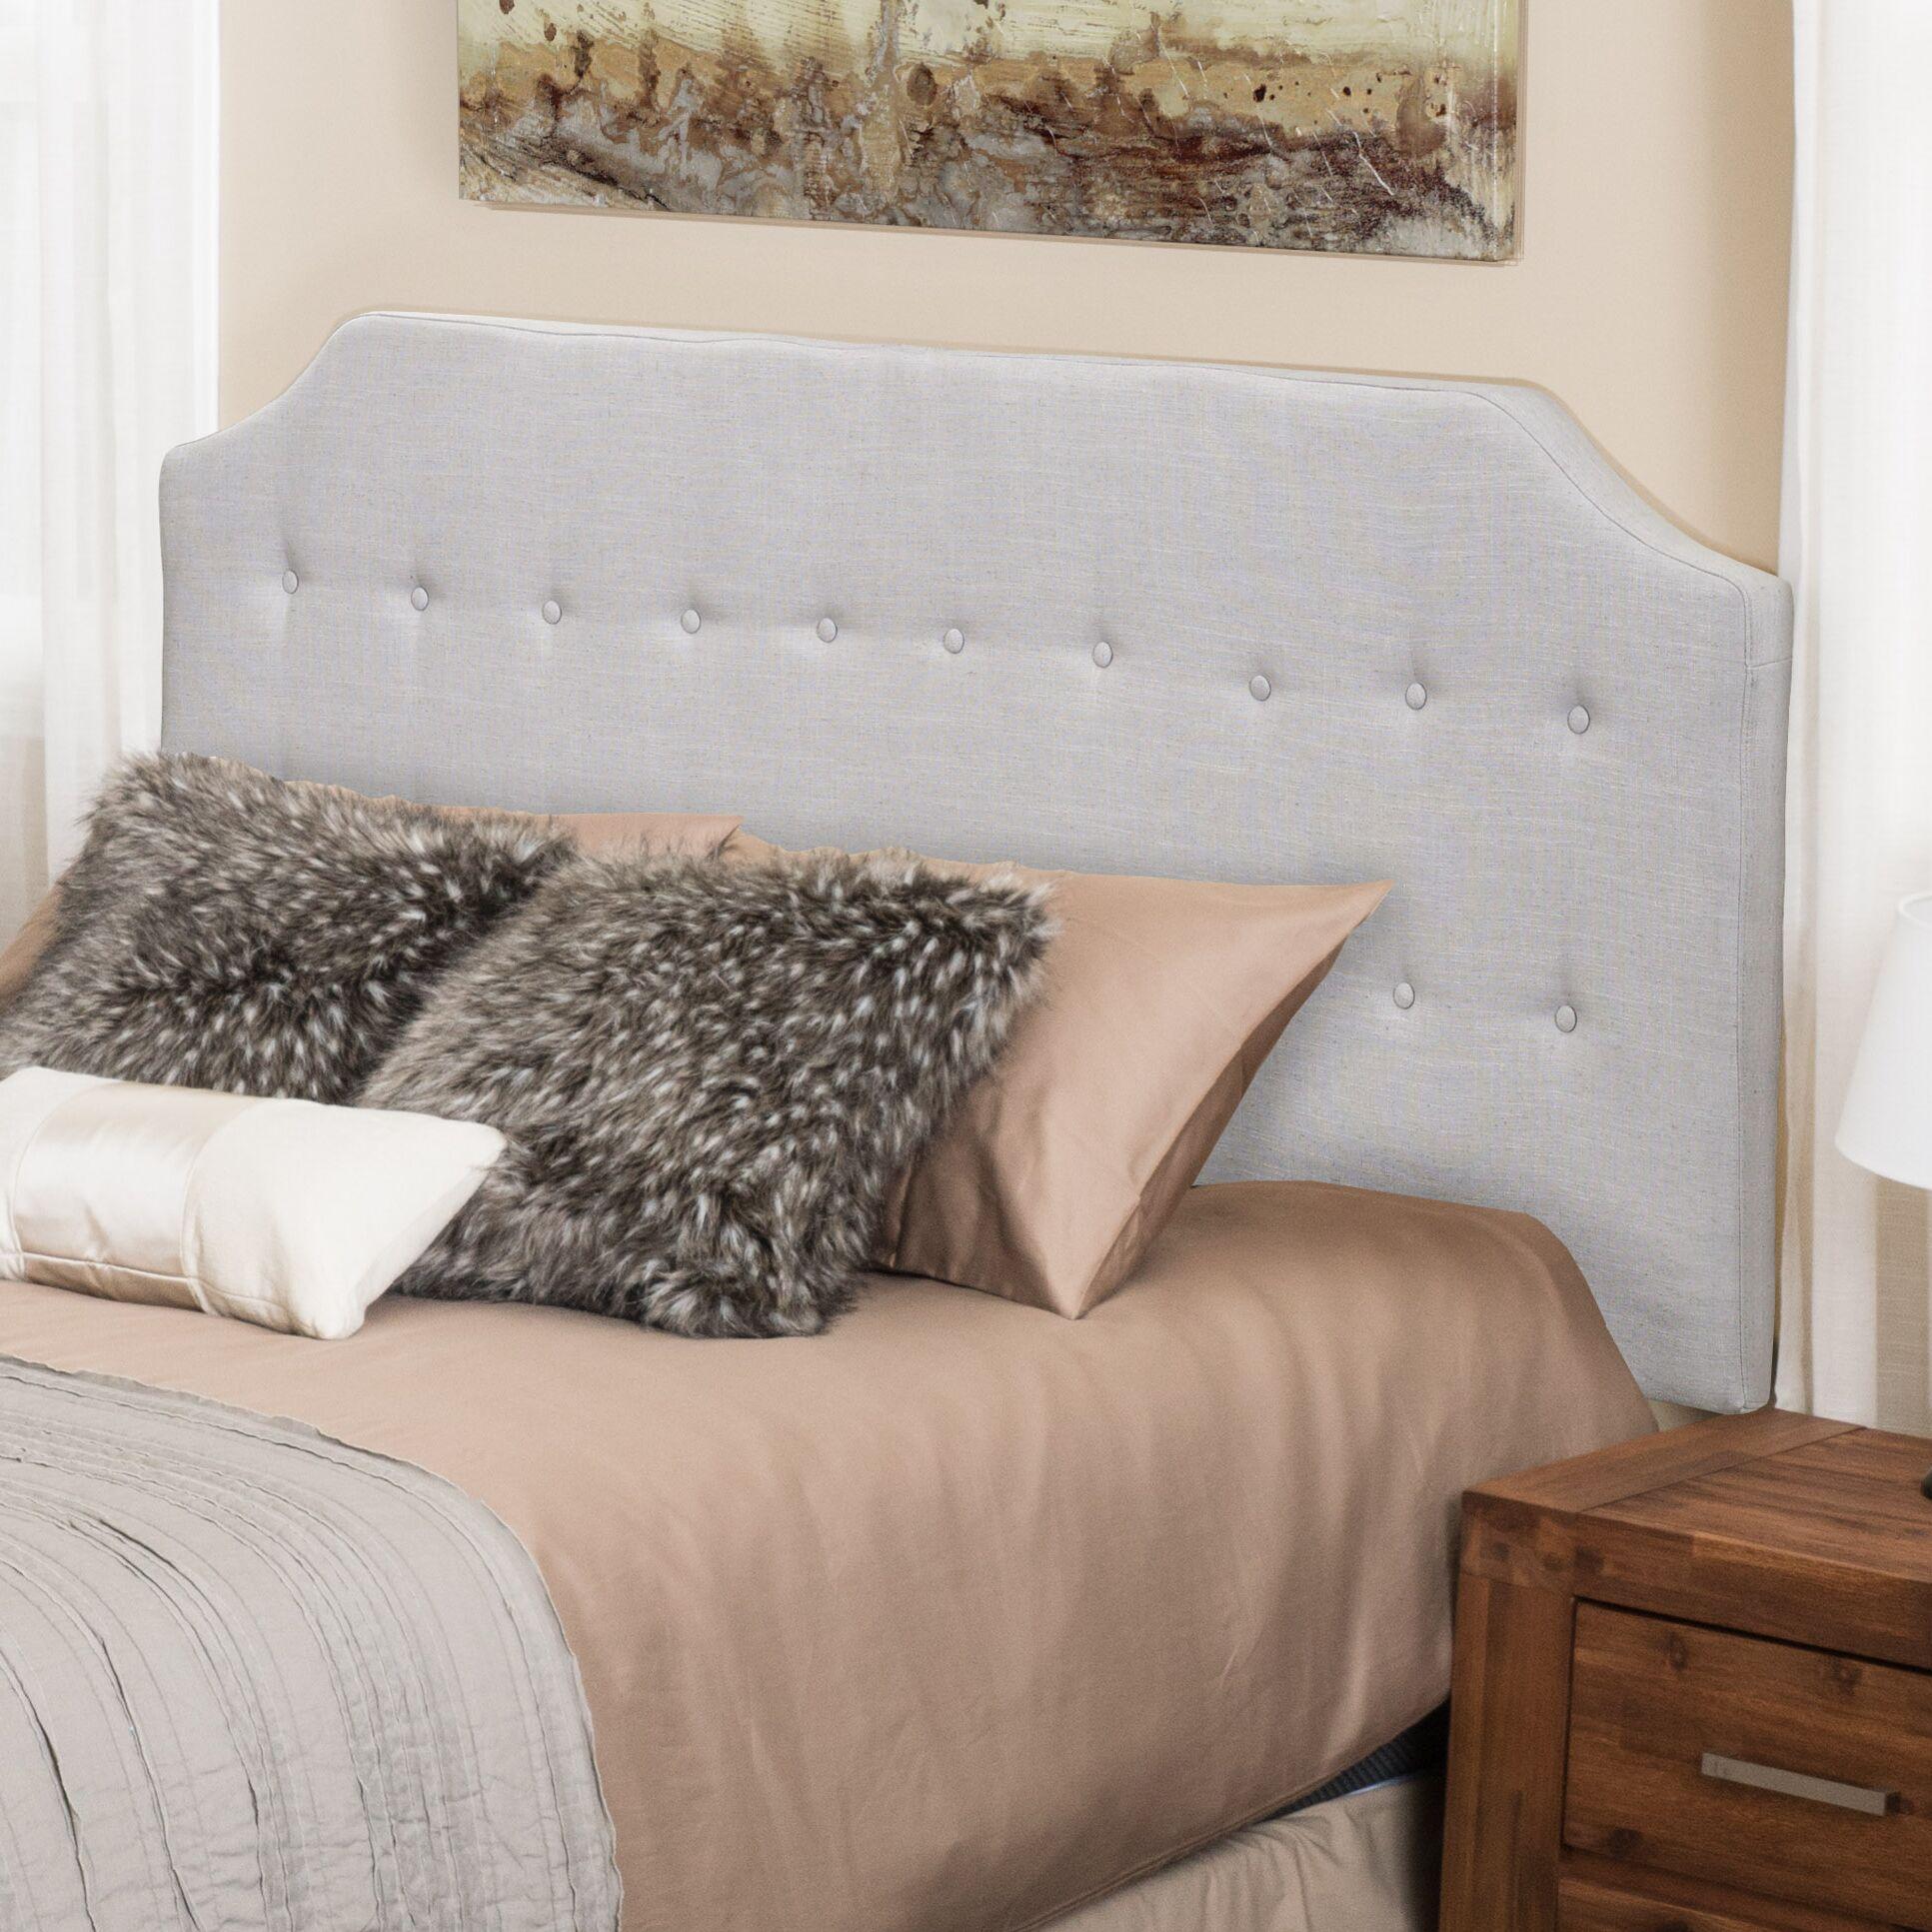 Lynnwood Upholstered Panel Headboard Upholstery: Light Gray